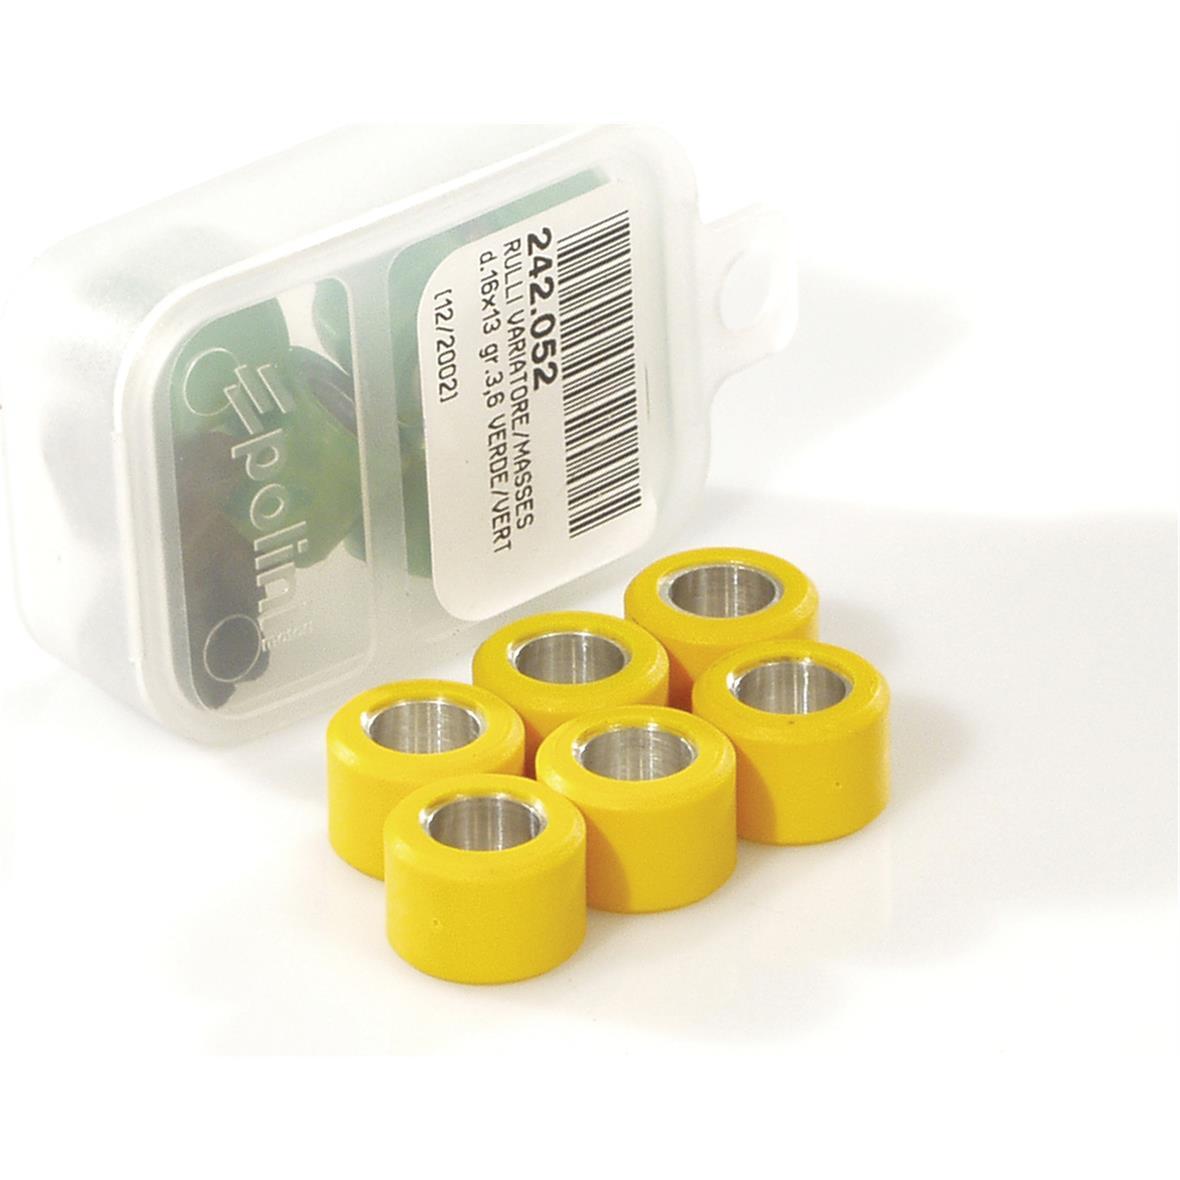 「バリエーター ロール POLINI 15x12 mm 3,7 (グラム)Title」の製品画像